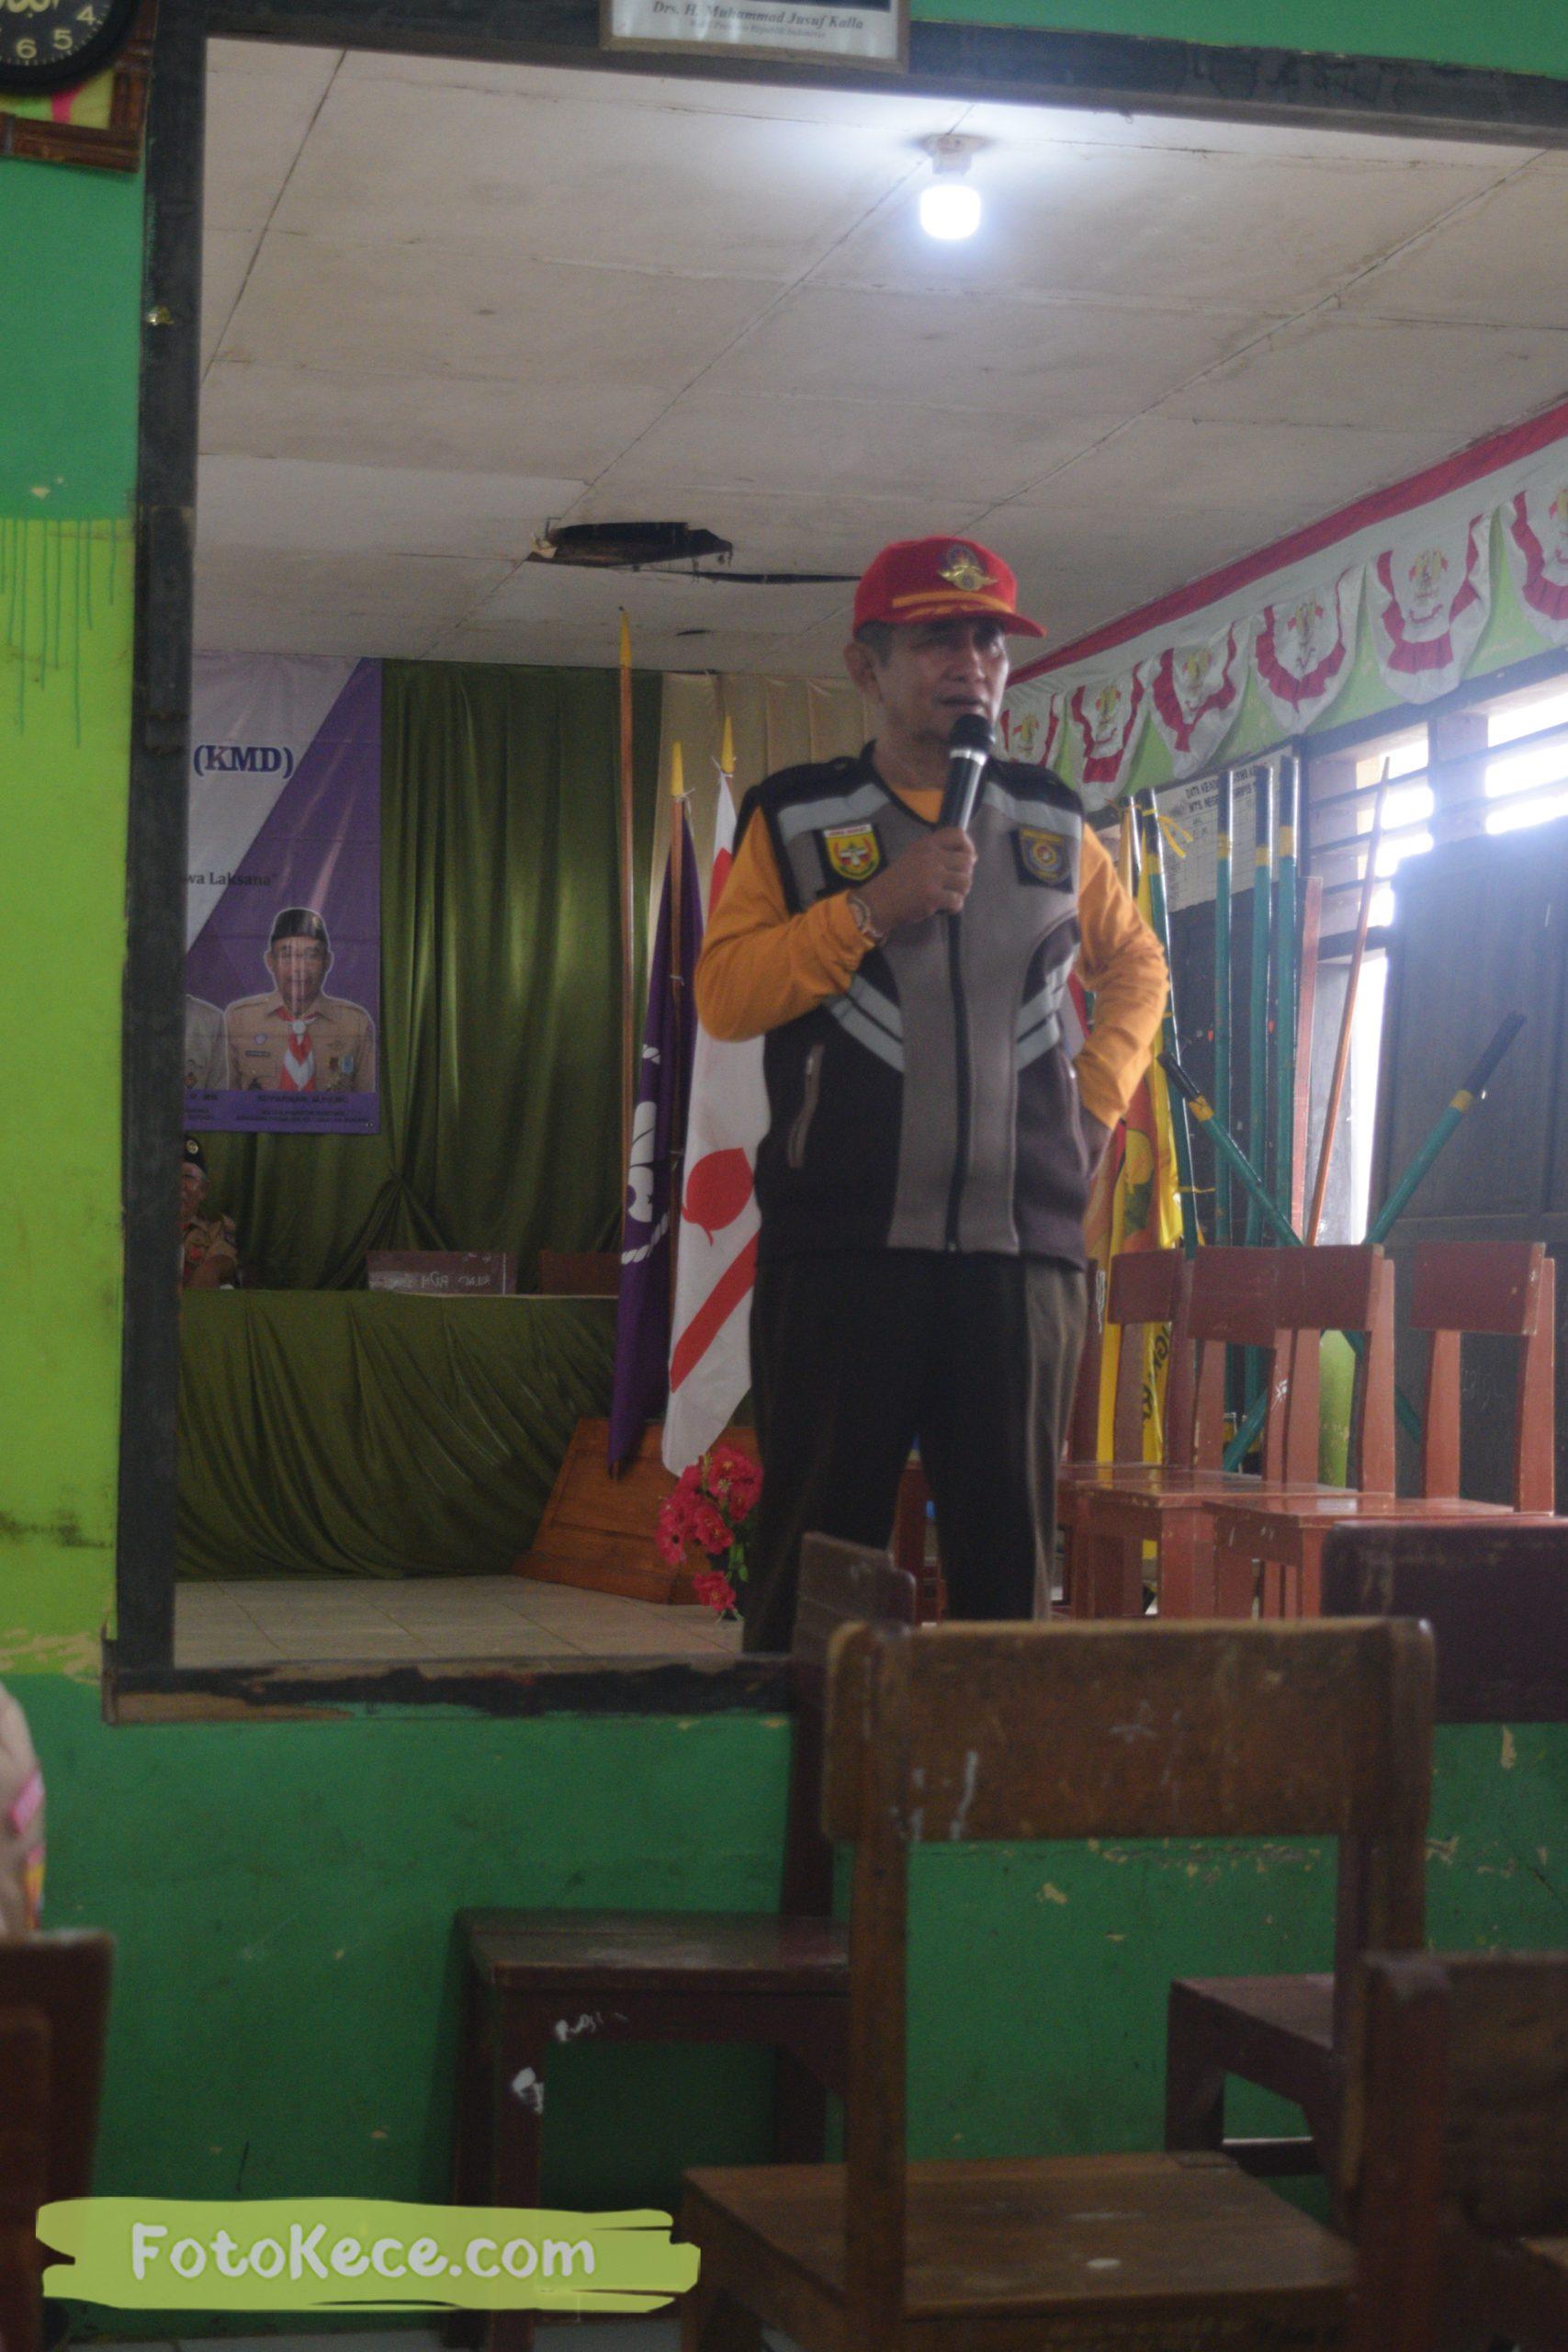 indoor kursus pembina mahir tingkat dasar kmd kwartir ranting surade 2019 fotokece Des 2019 49 scaled